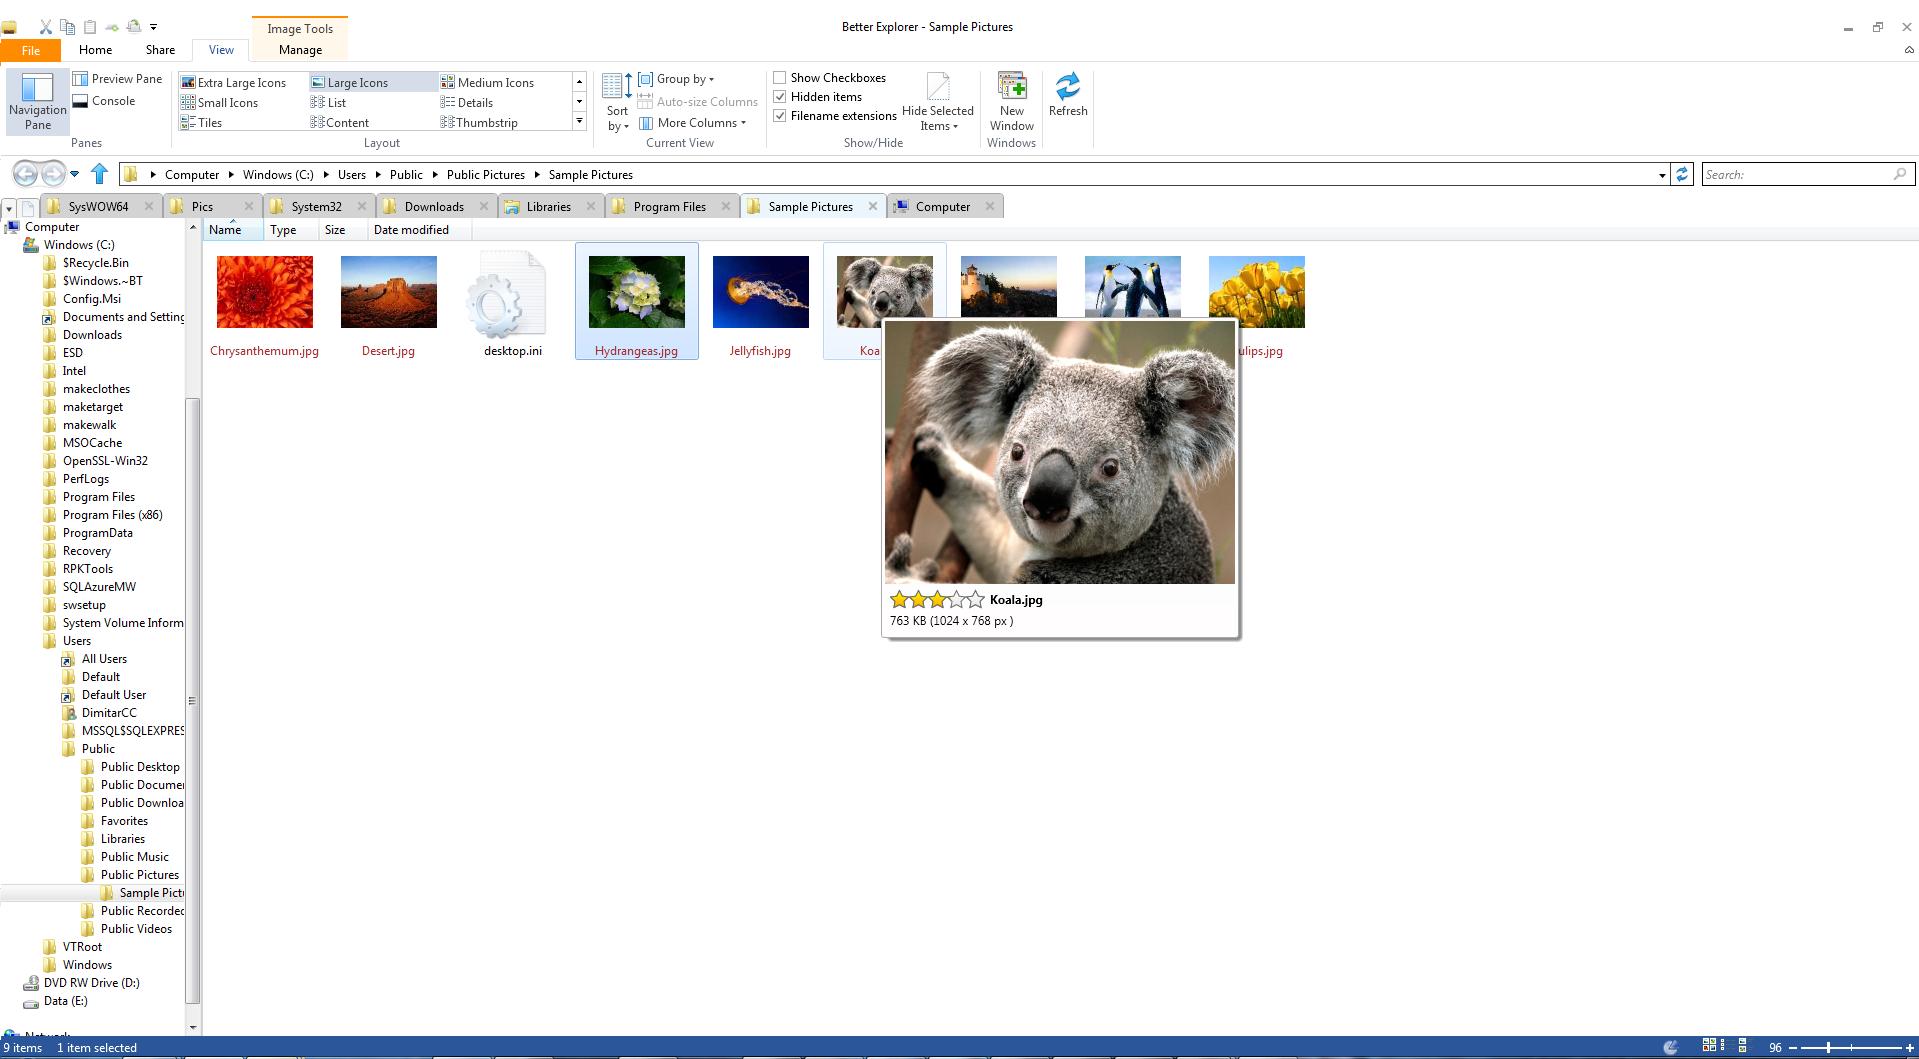 Better Explorer screenshot